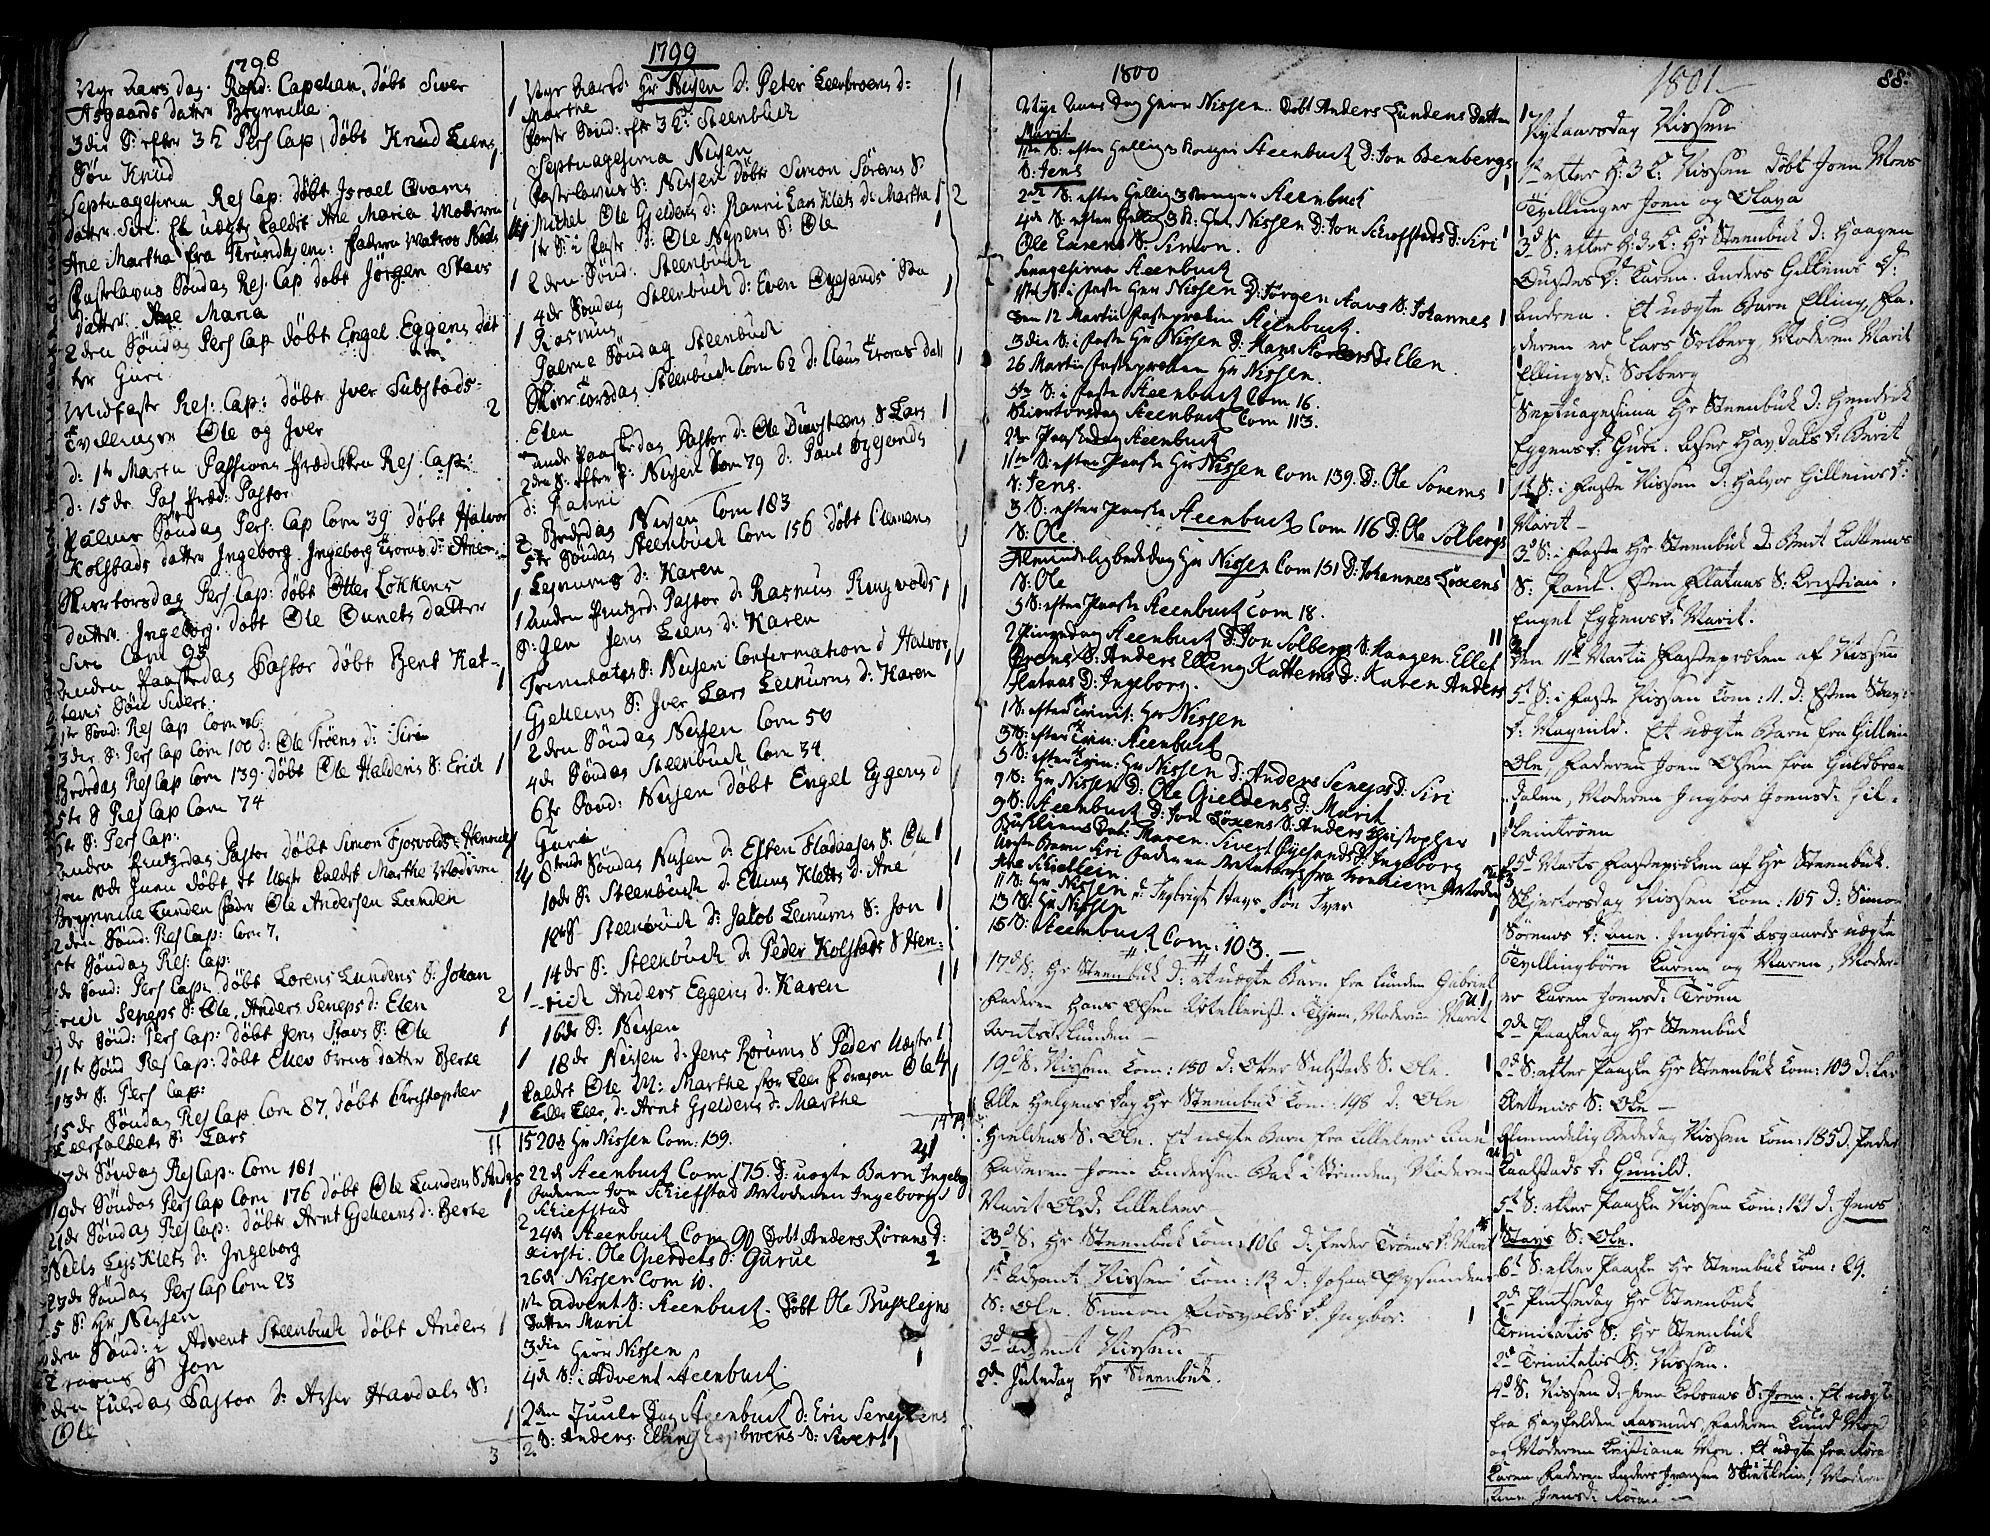 SAT, Ministerialprotokoller, klokkerbøker og fødselsregistre - Sør-Trøndelag, 691/L1063: Ministerialbok nr. 691A02 /3, 1768-1815, s. 88